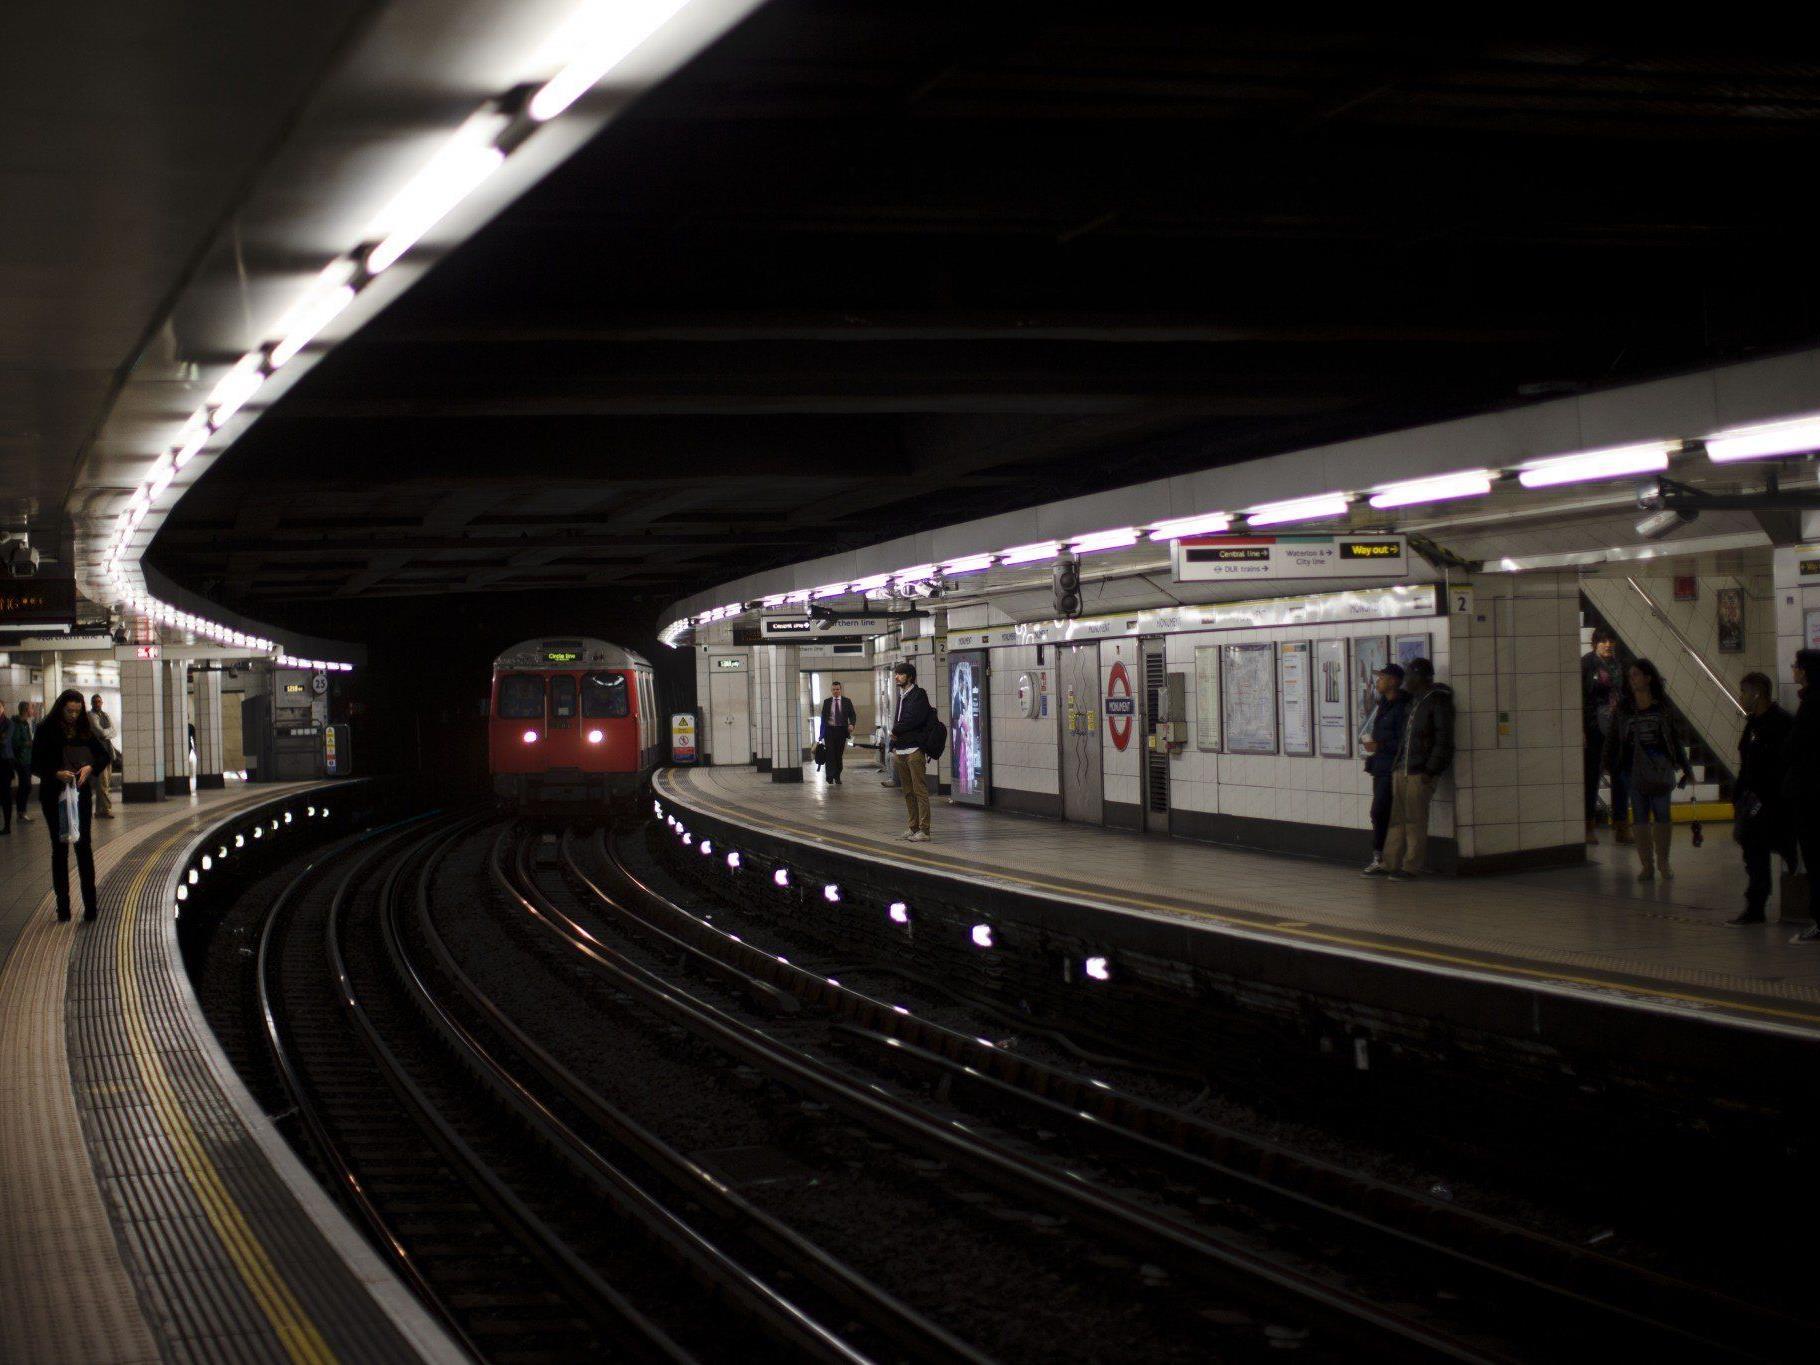 Das U-Bahnnetz von Kairo musste wegen einer Bombenwarnung gesperrt werden.